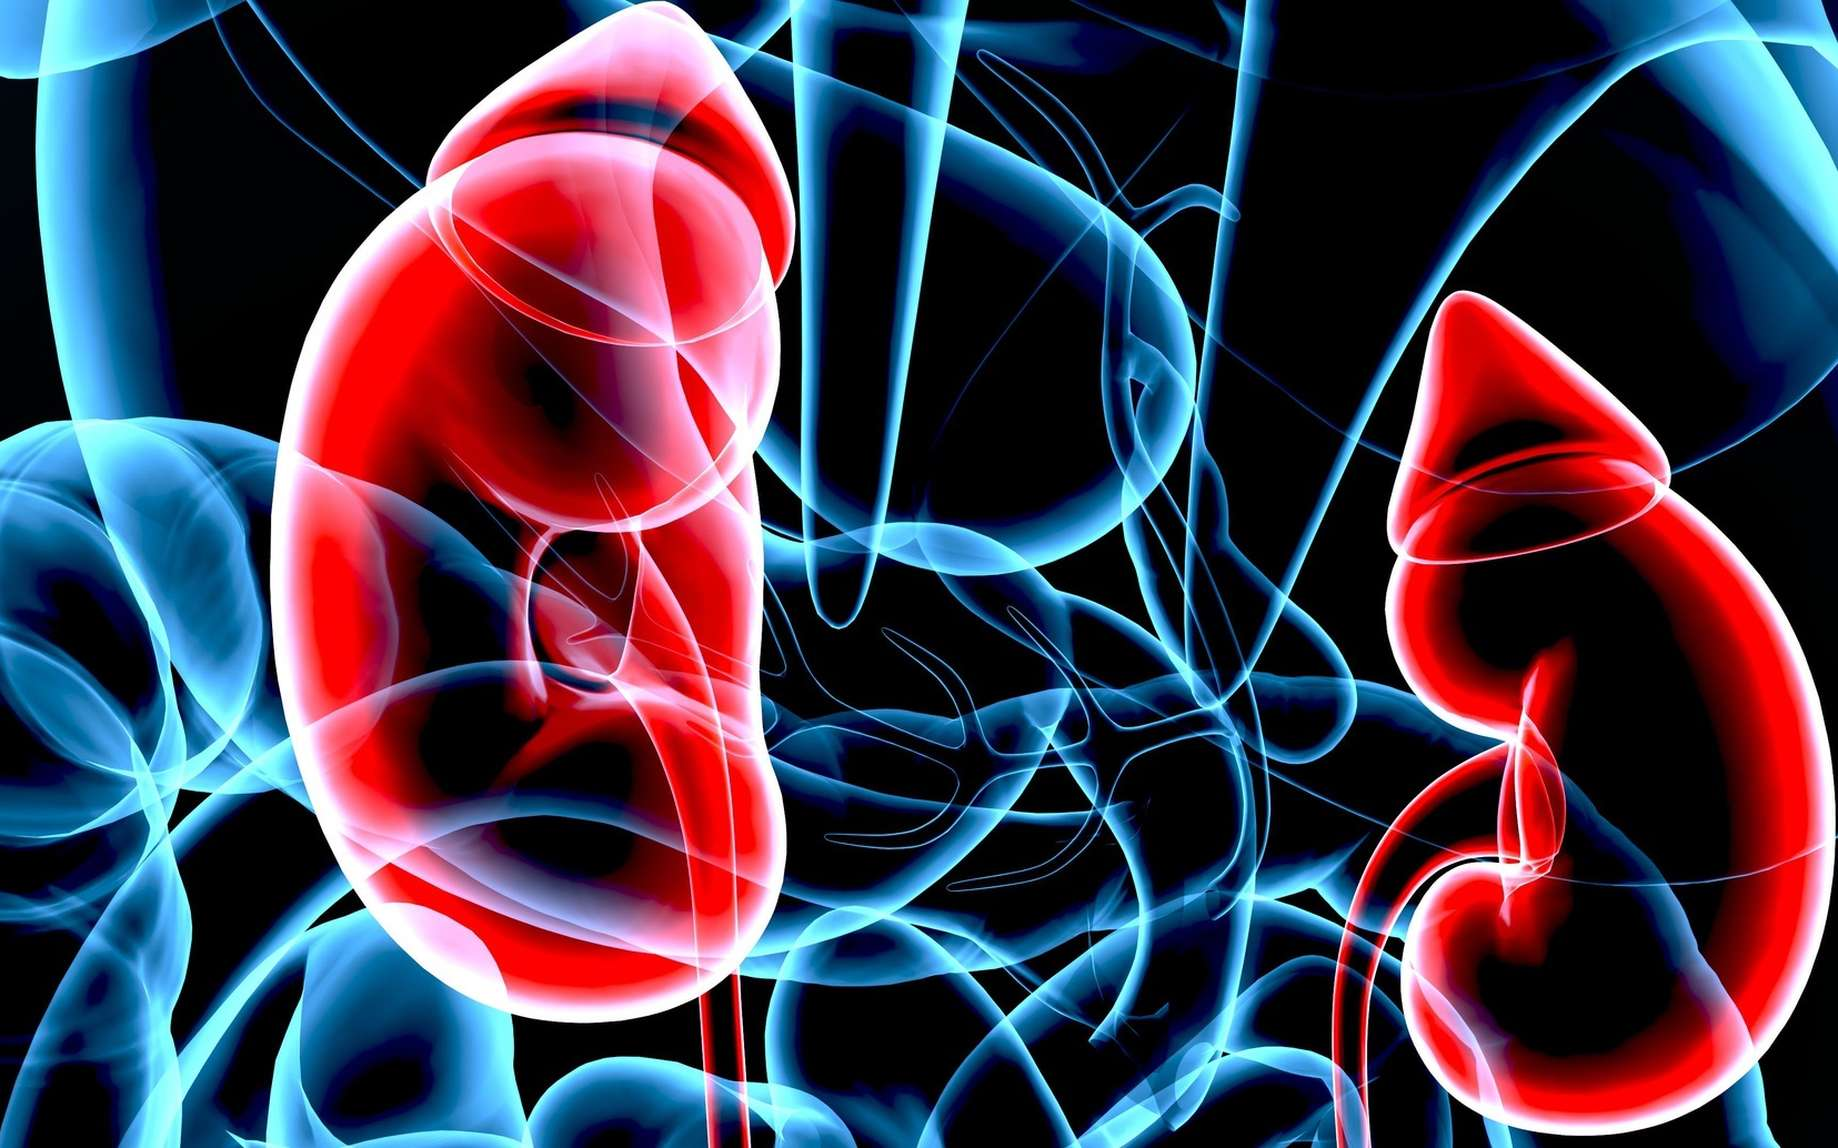 Un cancer du rein peut être traité. Les reins filtrent le sang et produisent l'urine. © PIC4U, Fotolia